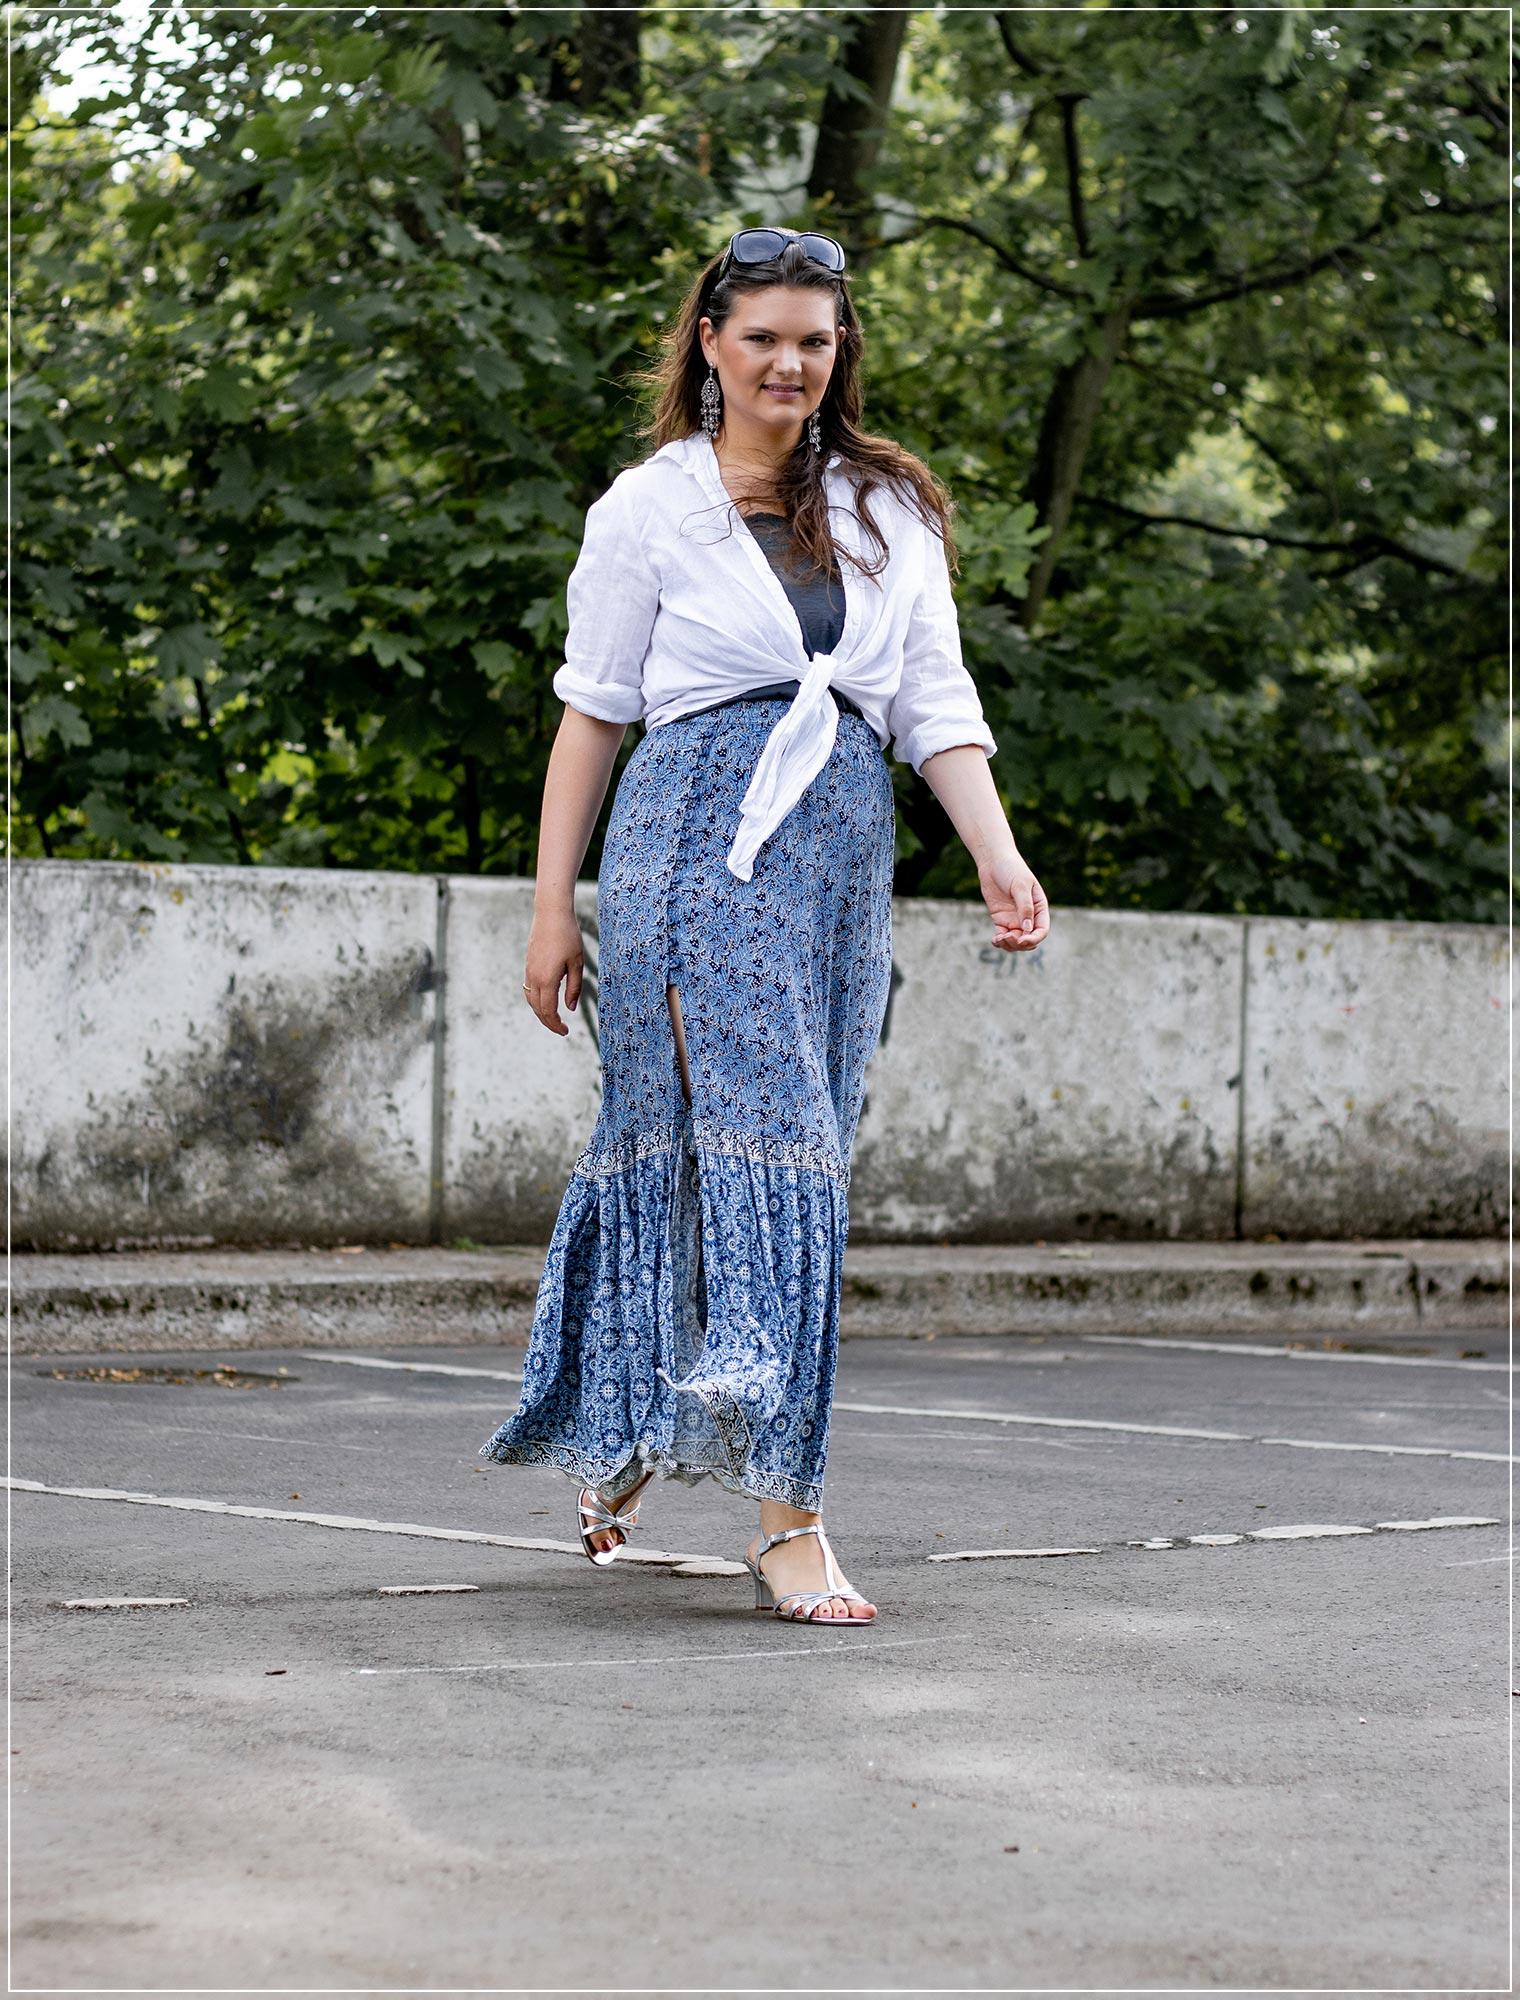 Modetrend weißer Kragen im Sommer stylen